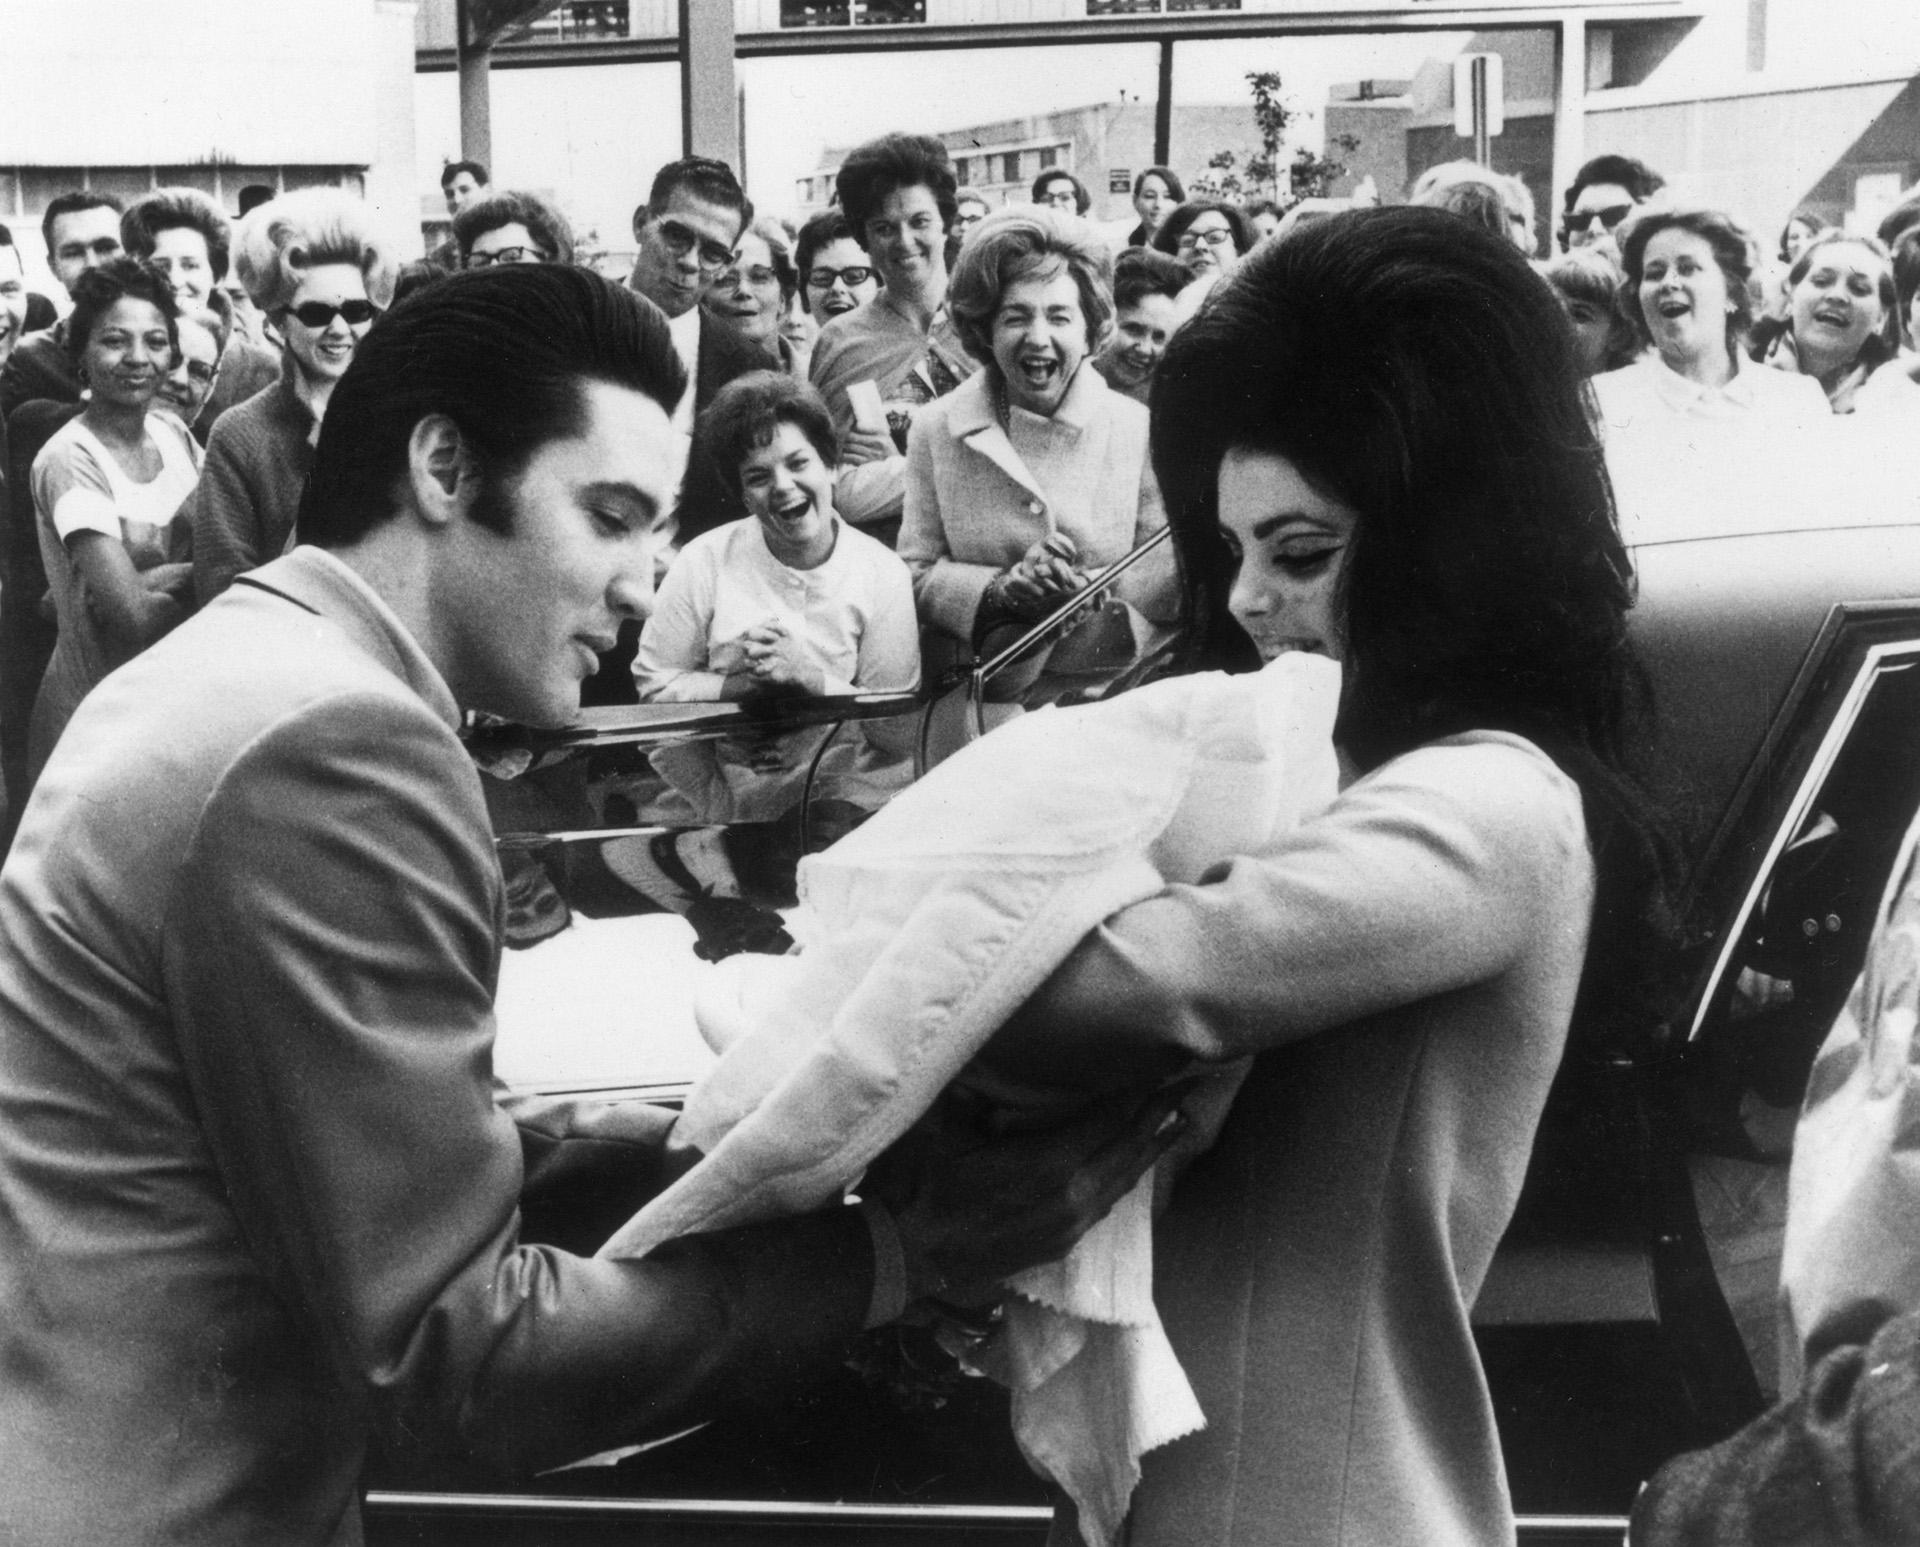 Em 1 de fevereiro de 1968 nasceu sua única filha, Lisa Marie Presley.  Elvis e Priscilla Presley saindo do hospital na frente de todos os fãs na apresentação oficial da garota (Photo by Keystone / Getty Images)